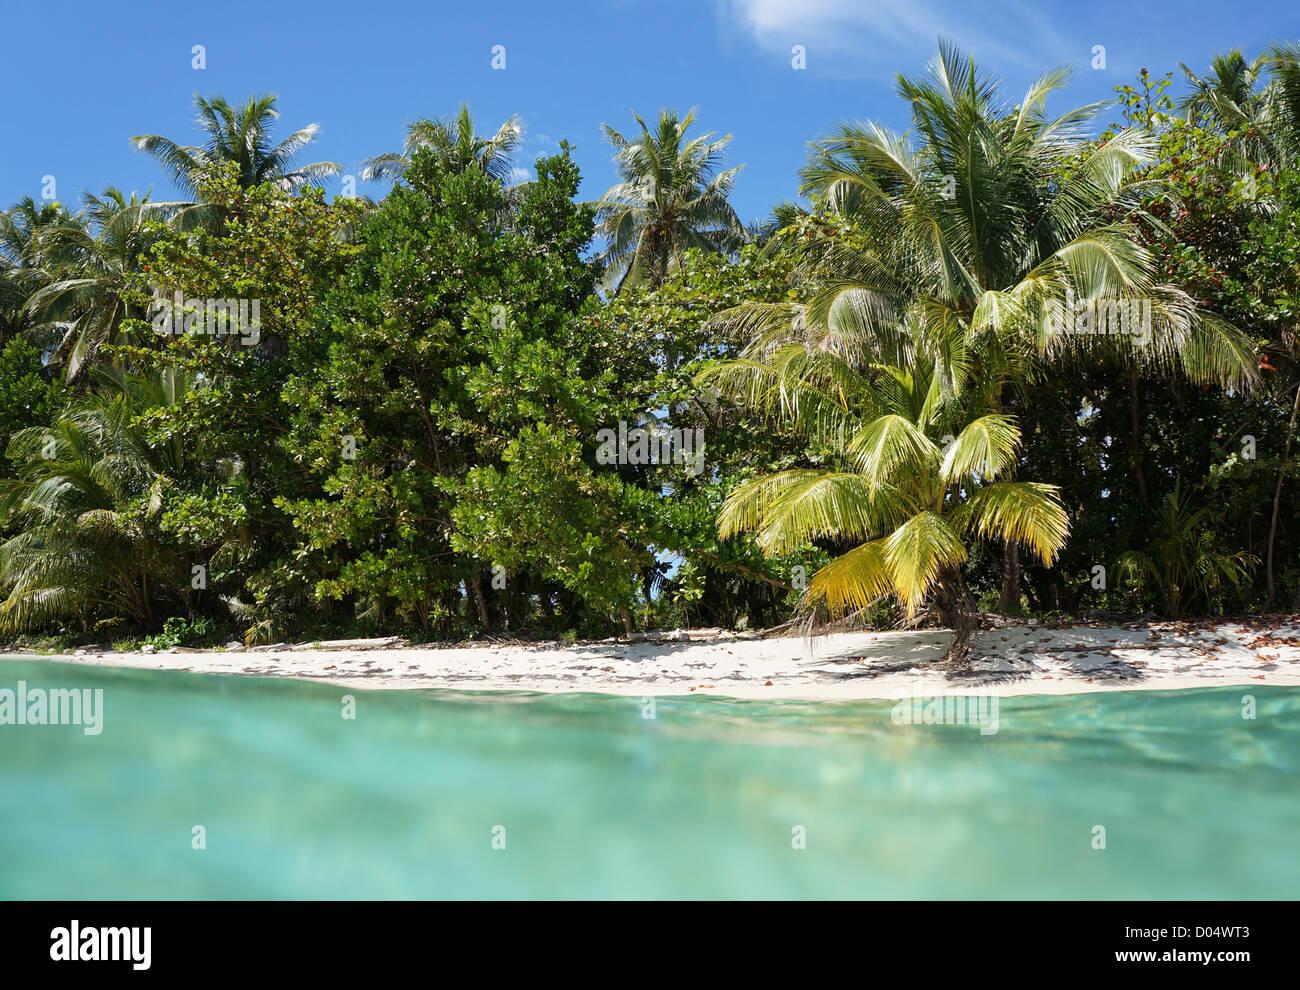 Côte plage tropicale avec sa végétation luxuriante vu à partir de la surface de l'eau, mer Photo Stock